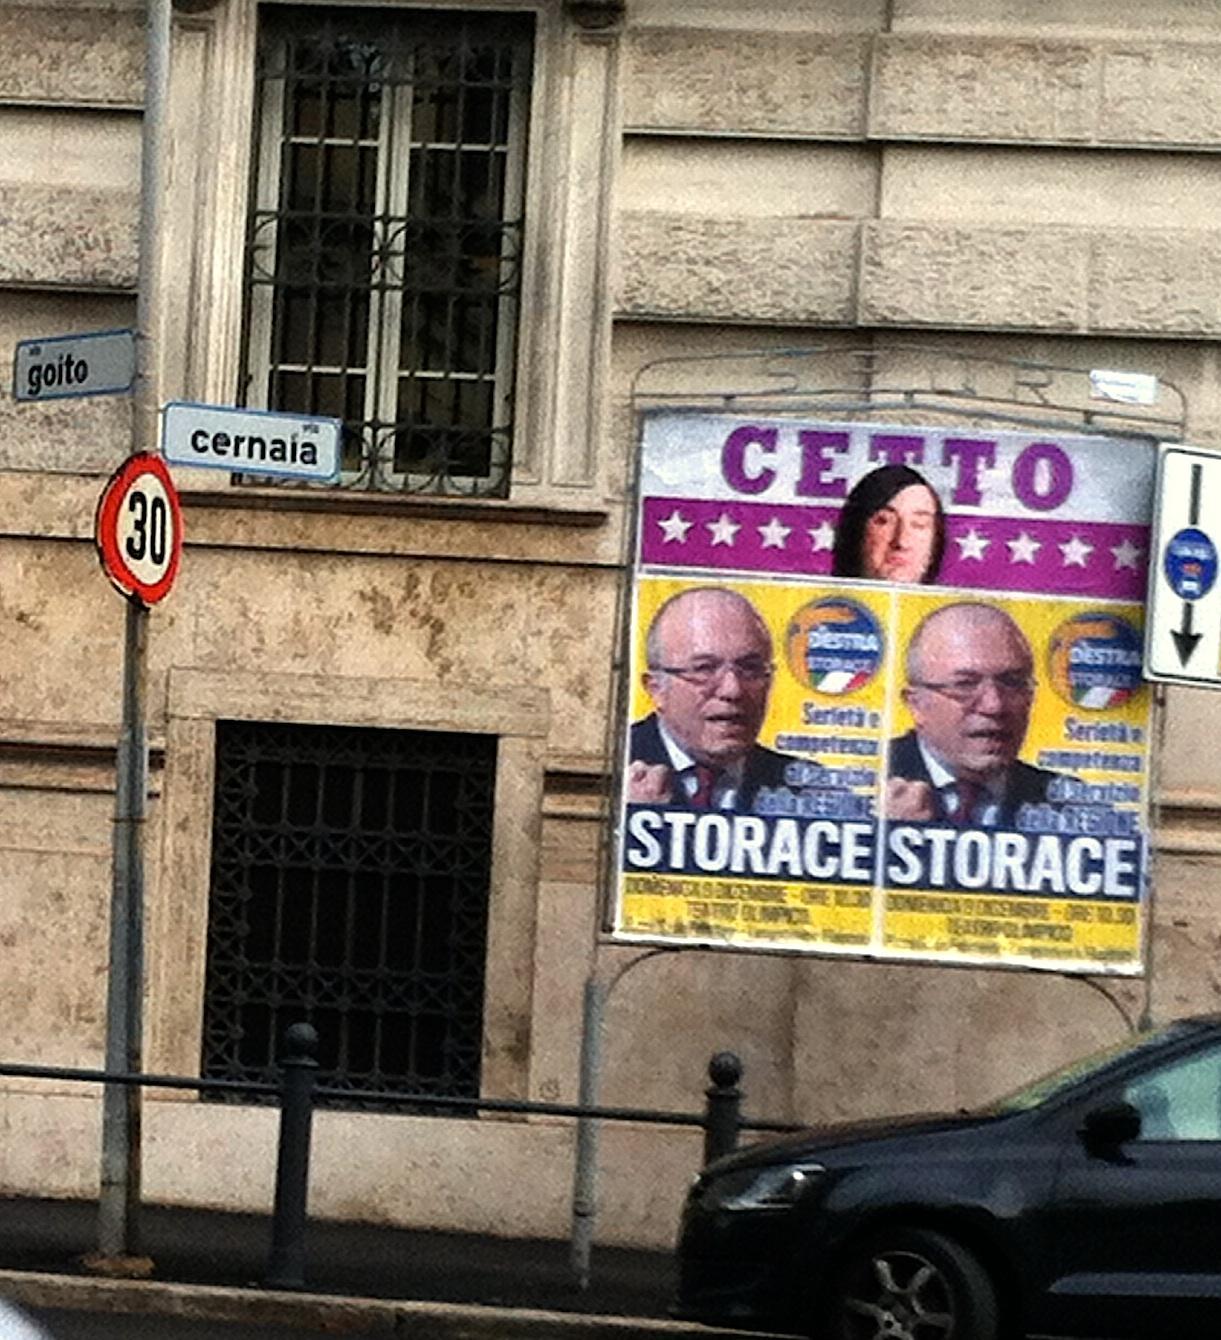 Cetto-Storace